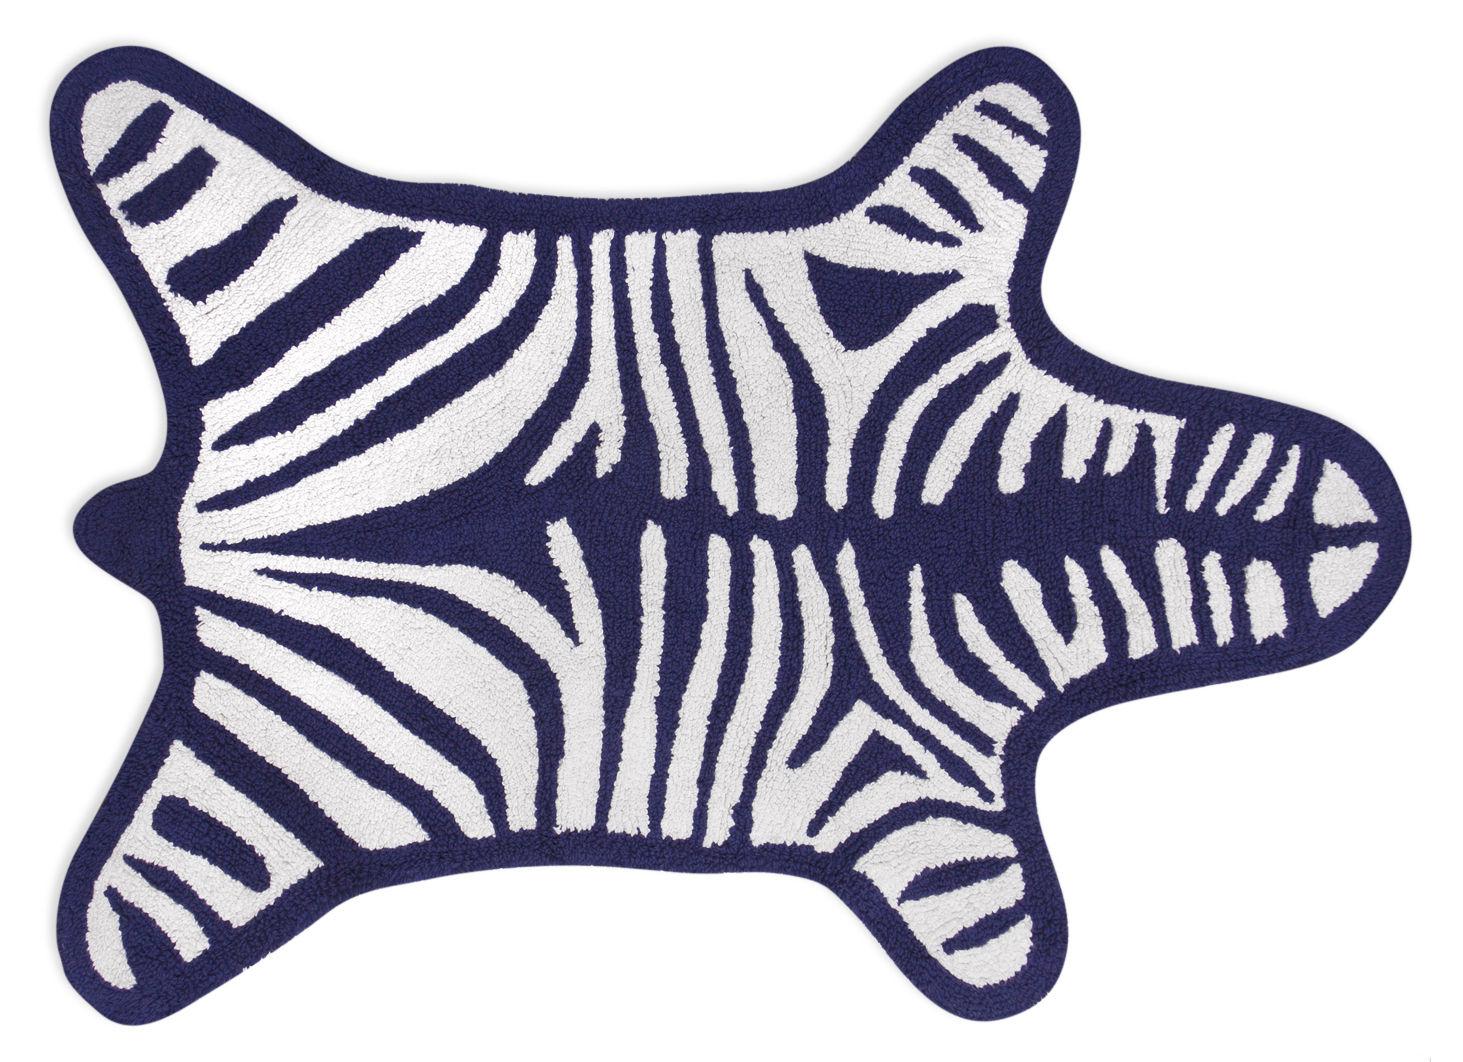 Accessoires - Accessoires salle de bains - Tapis de bain Zebra / Reversible - 112 x 79 cm - Jonathan Adler - Blanc / Bleu marine - Coton